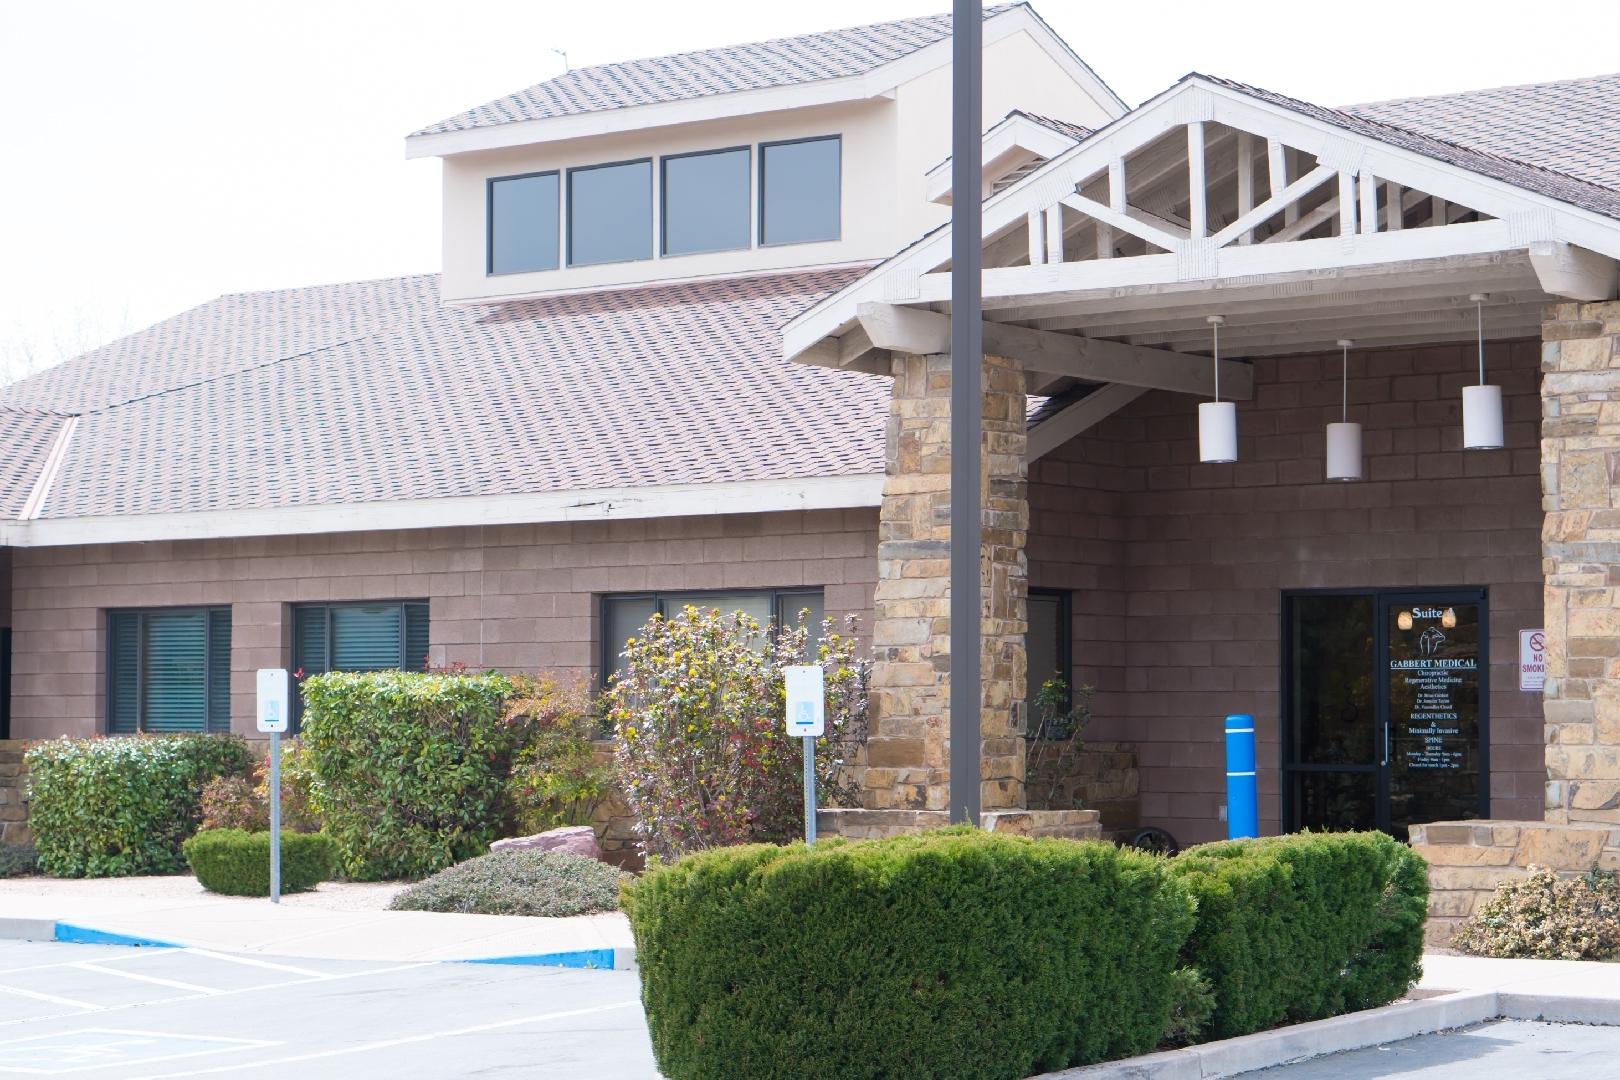 Gabbert Medical Office 7-01